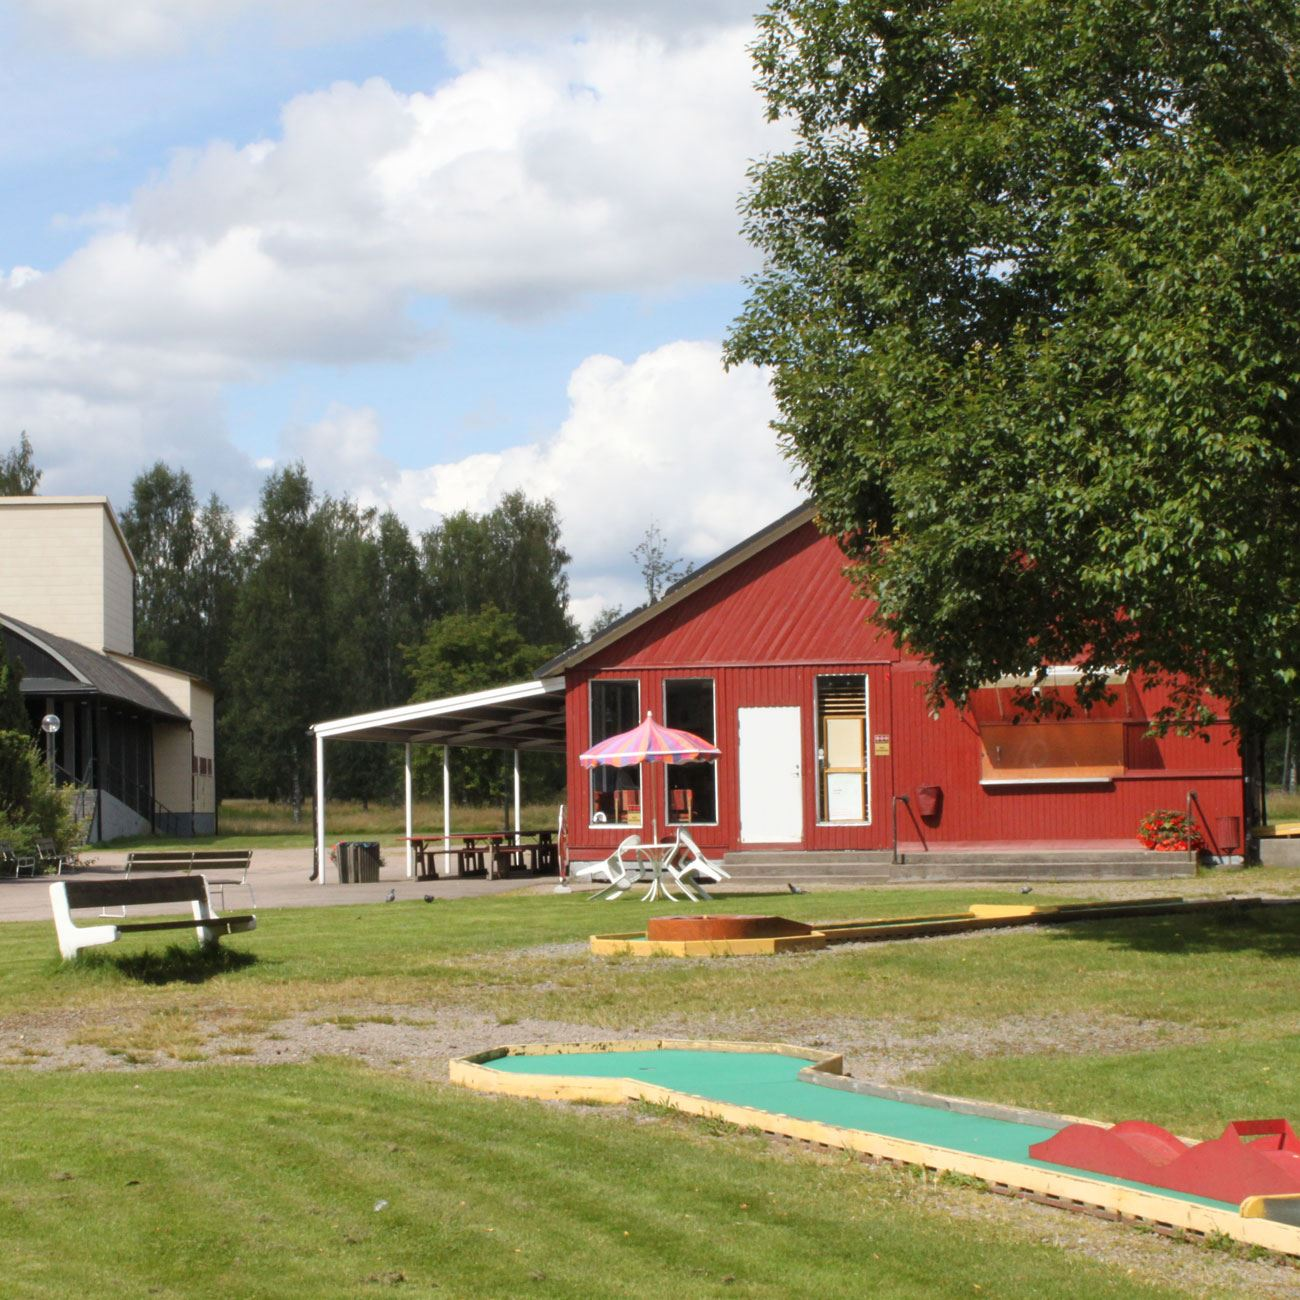 Foto: Värnamo Näringsliv AB,  © Värnamo Näringsliv AB , Spela minigolf i Folkets Park